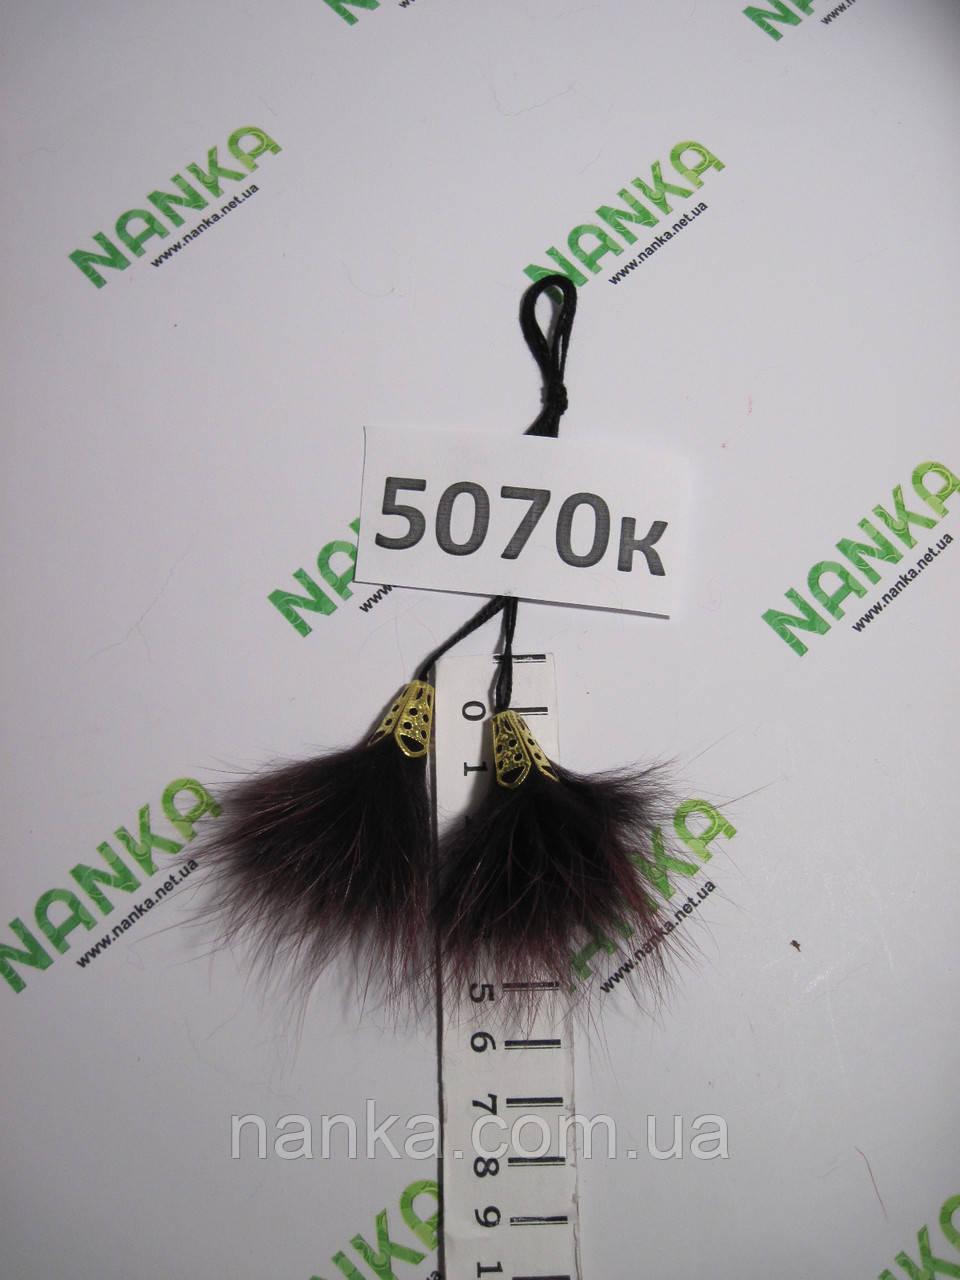 Меховые кисточки Лиса, Бордовый, 6 см, 5070к